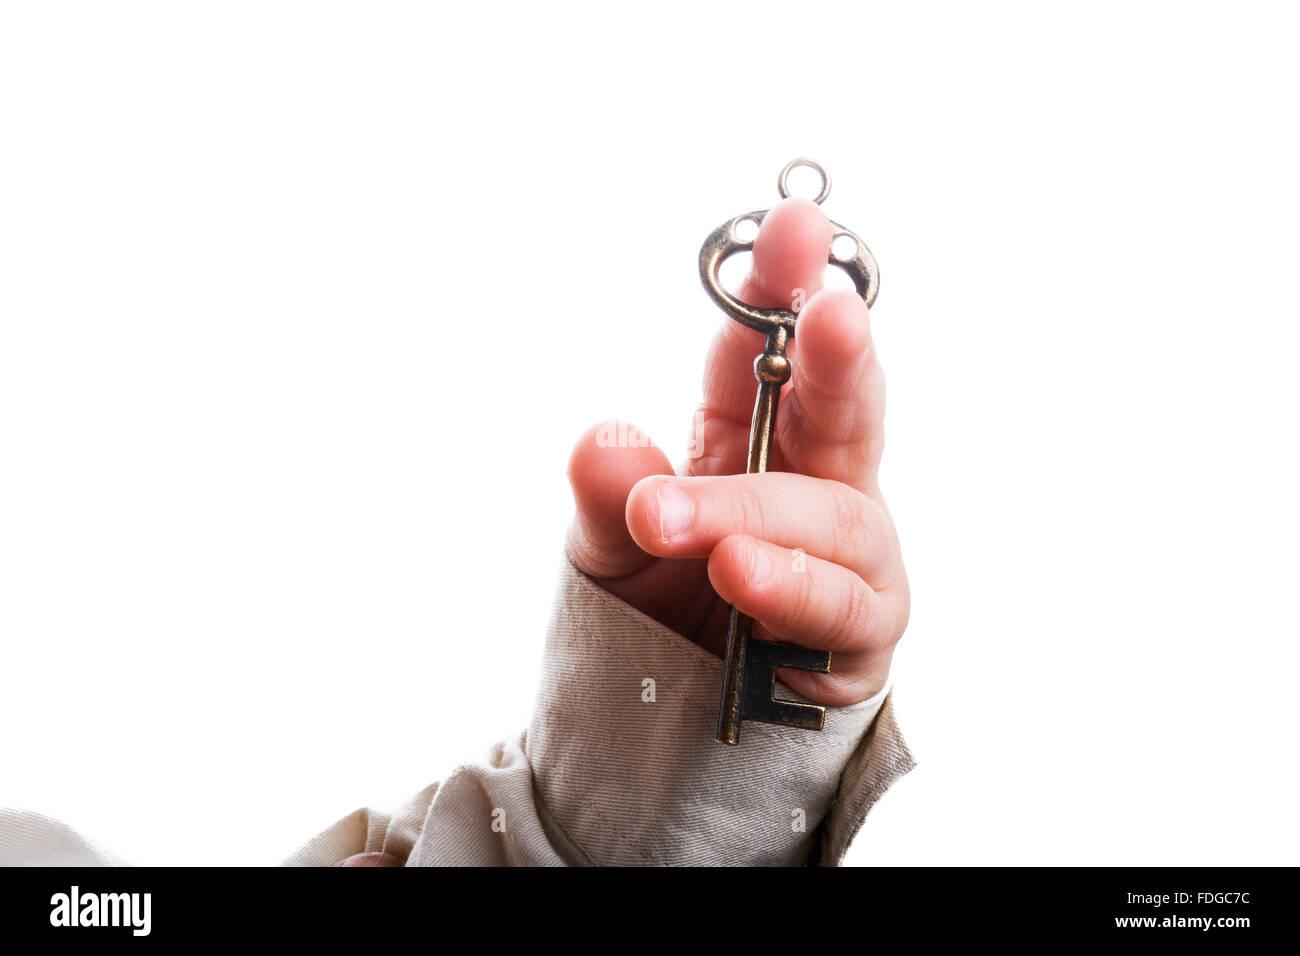 Baby Hand hält eine Retro Stil Metallschlüssel auf weißem Hintergrund Stockbild